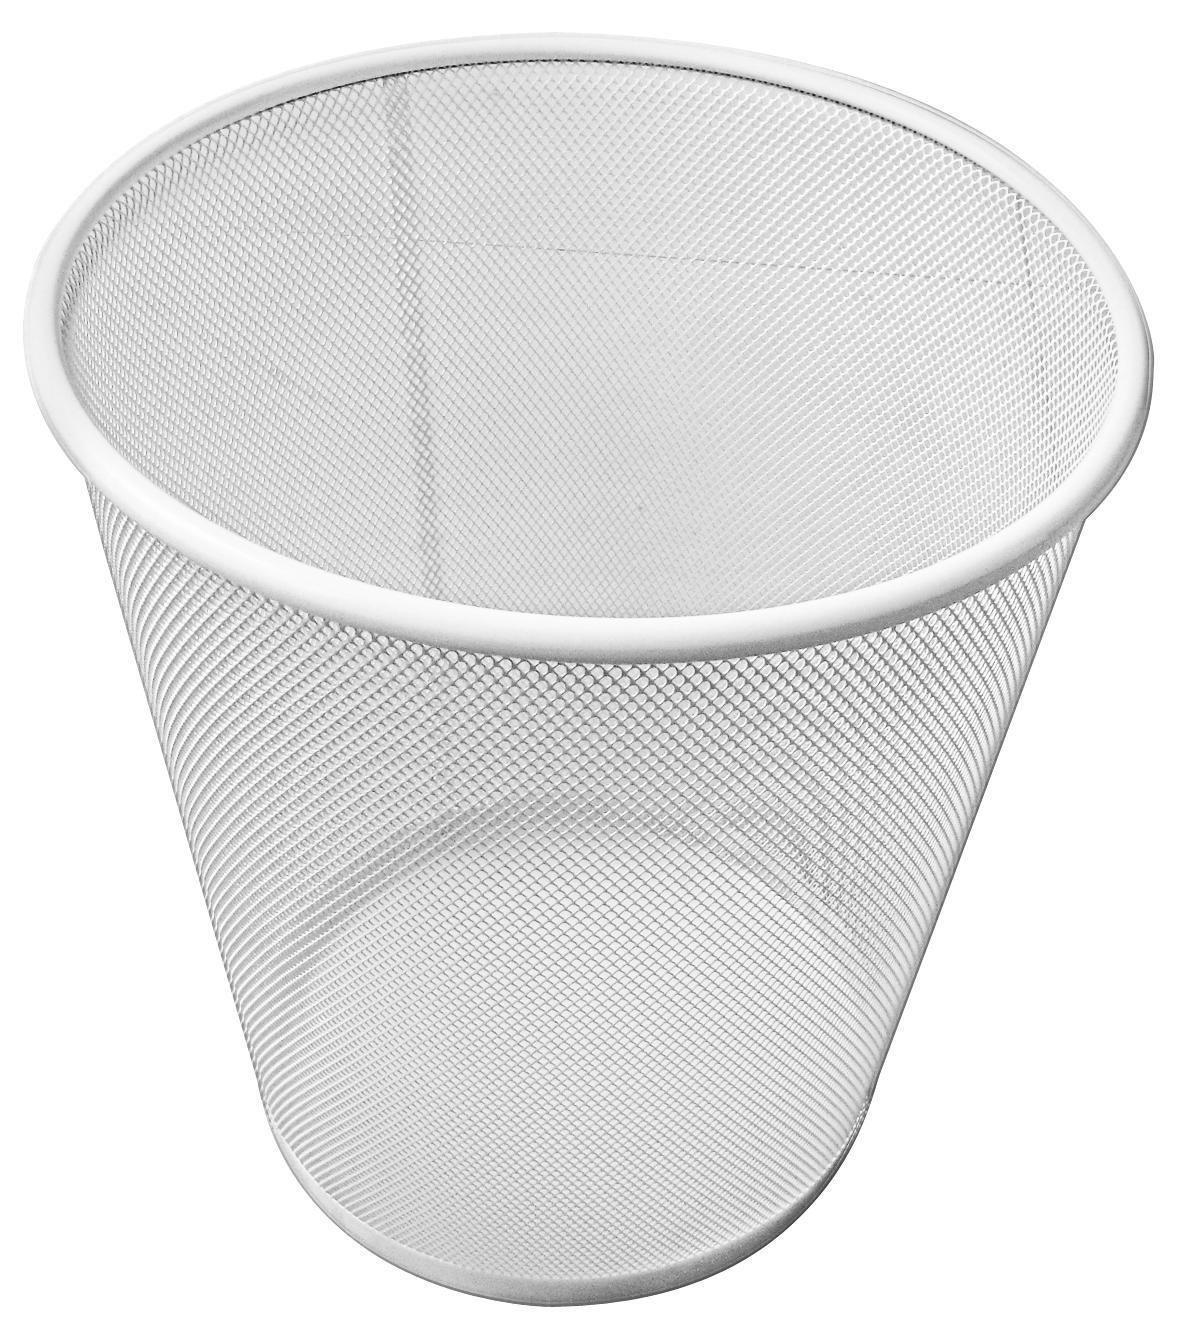 Szemetes Kosár Mesh - fehér, modern, fém (30,5/34,5cm)